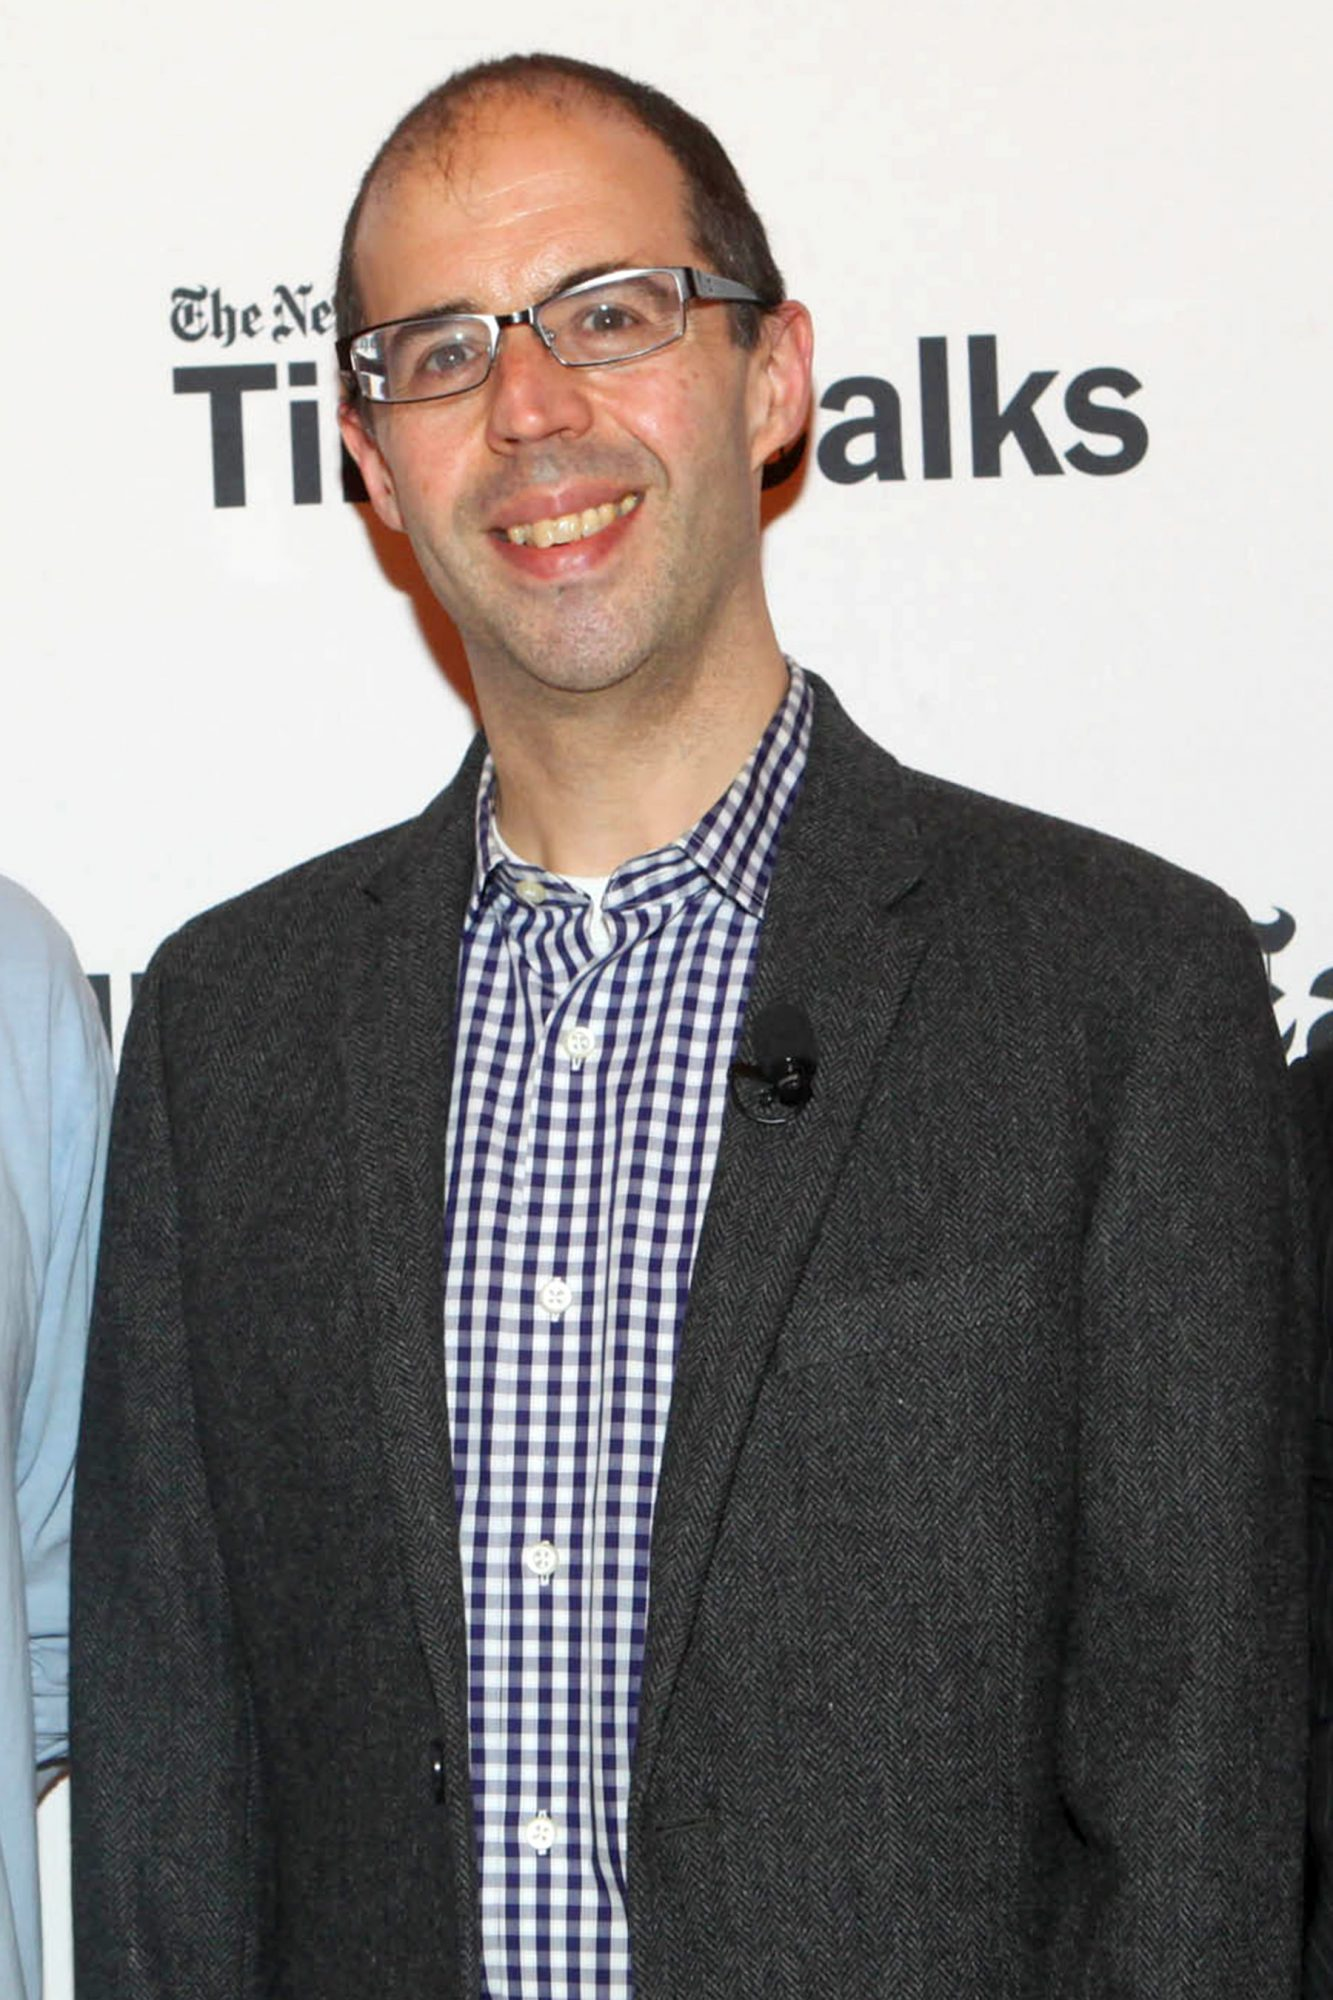 TimesTalks Featuring Jon Stewart & Chris Smith